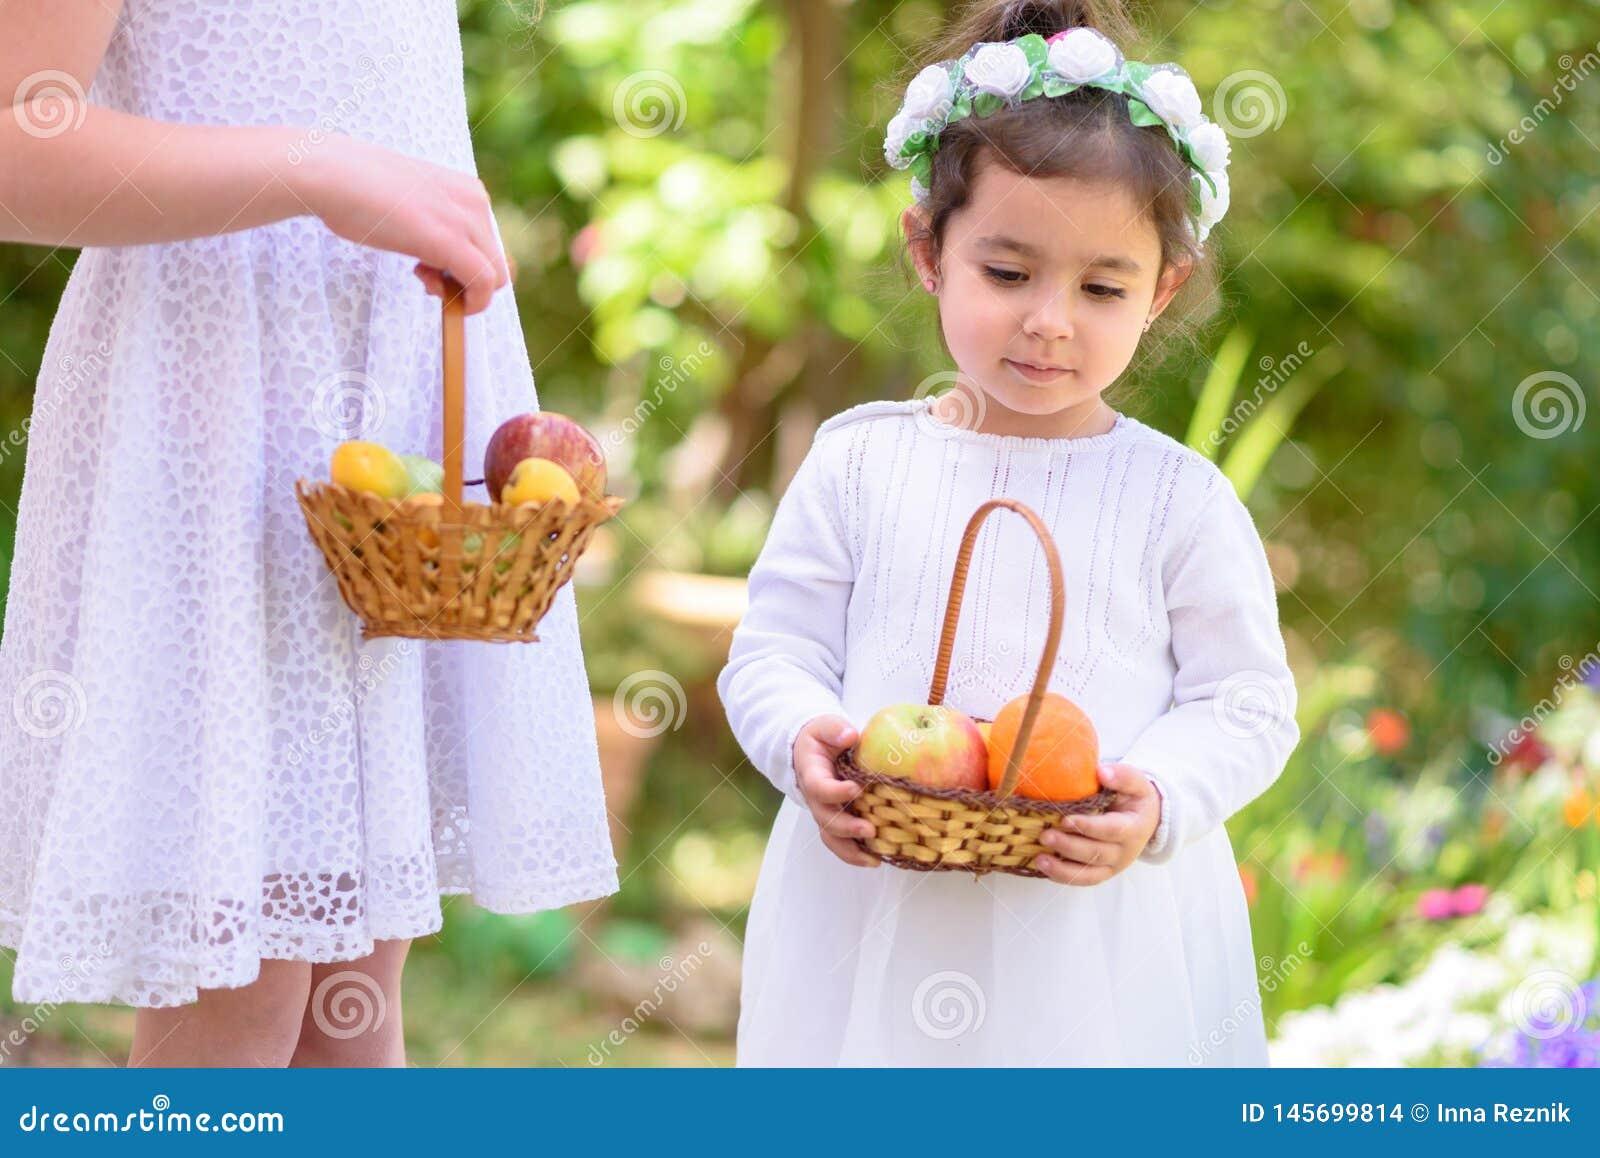 Vacances juives Shavuot Les petites filles de HarvestTwo dans la robe blanche tient un panier avec le fruit frais dans un jardin